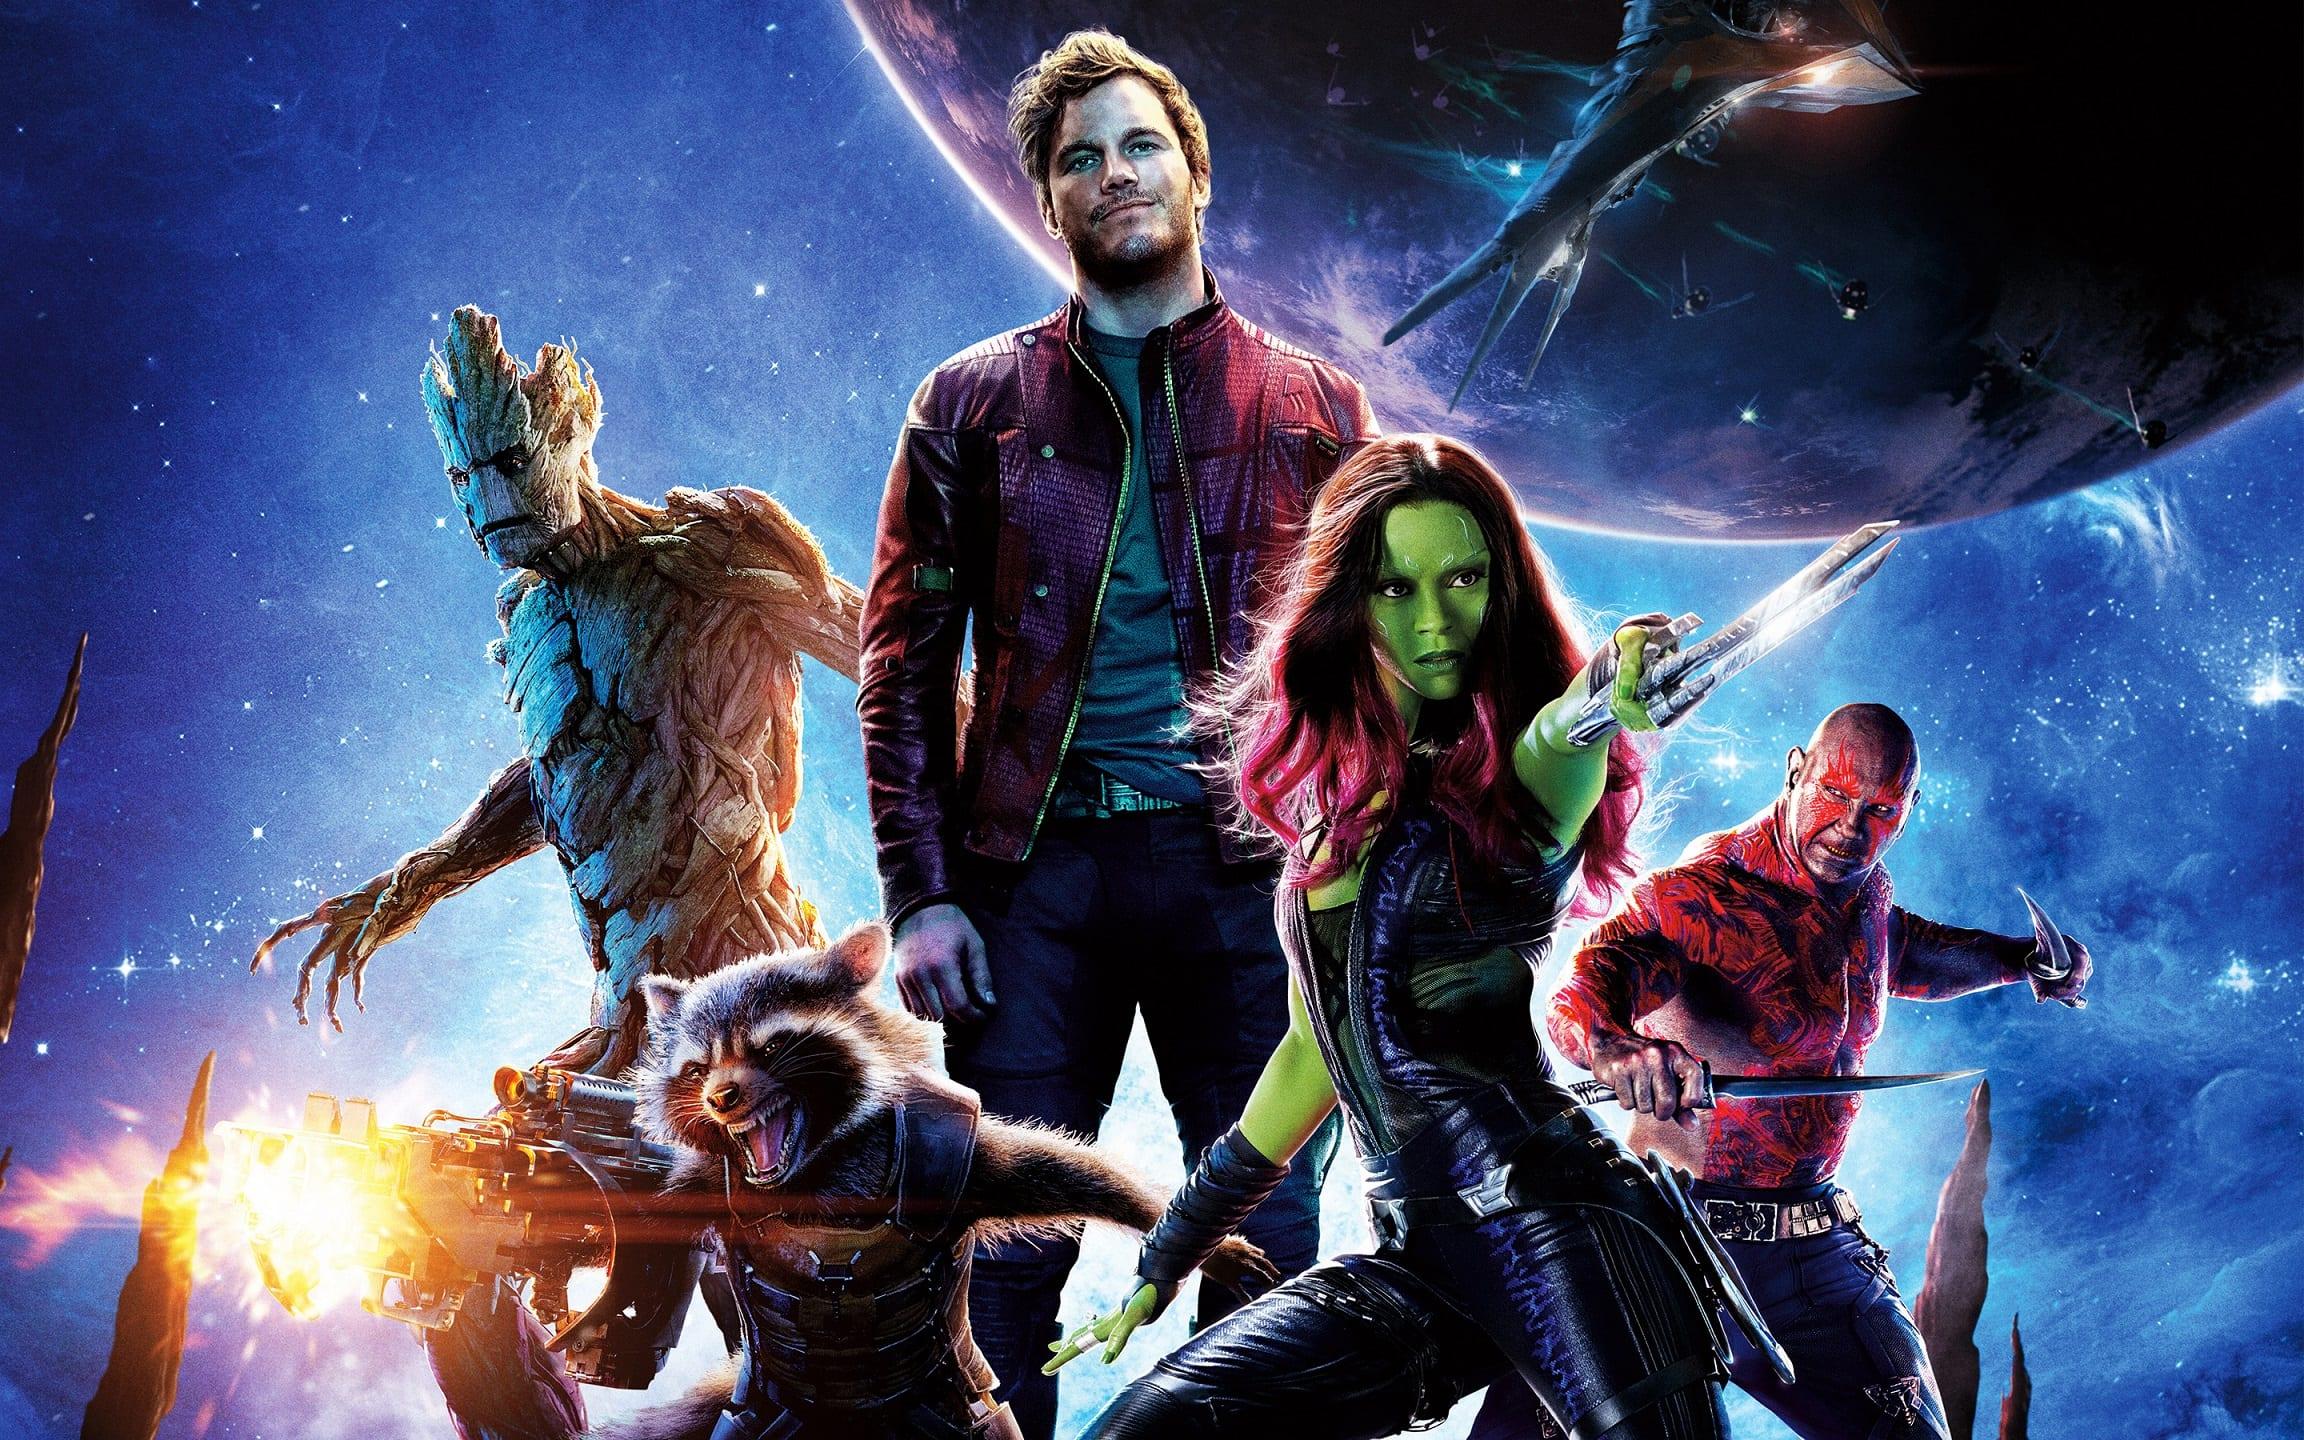 Guardiani della Galassia 3: quest'anno inizieranno le riprese